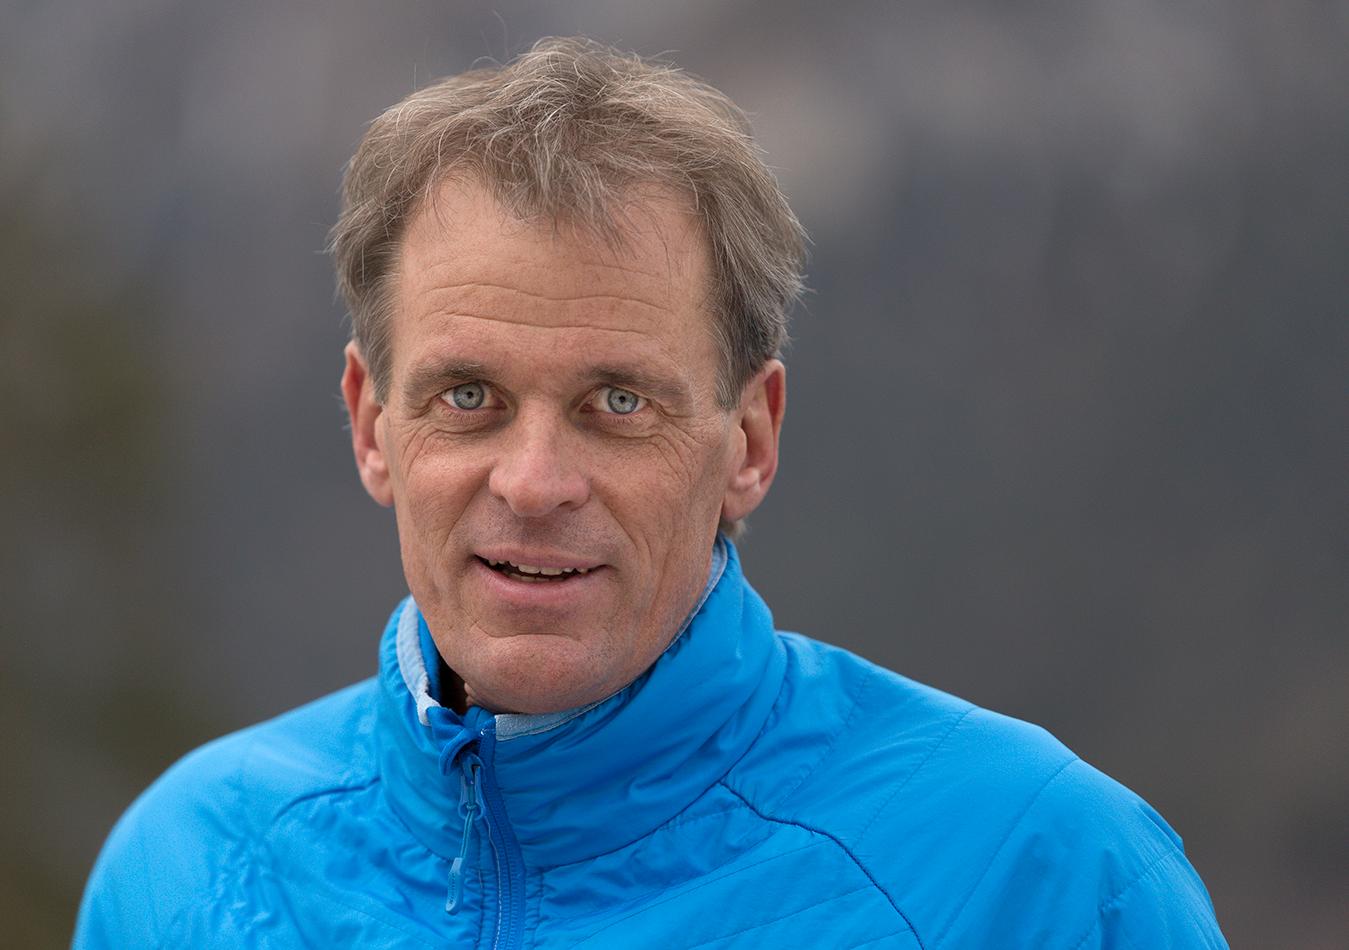 Wie entsteht ein Kletterführer? Günter Durner im Gespräch.